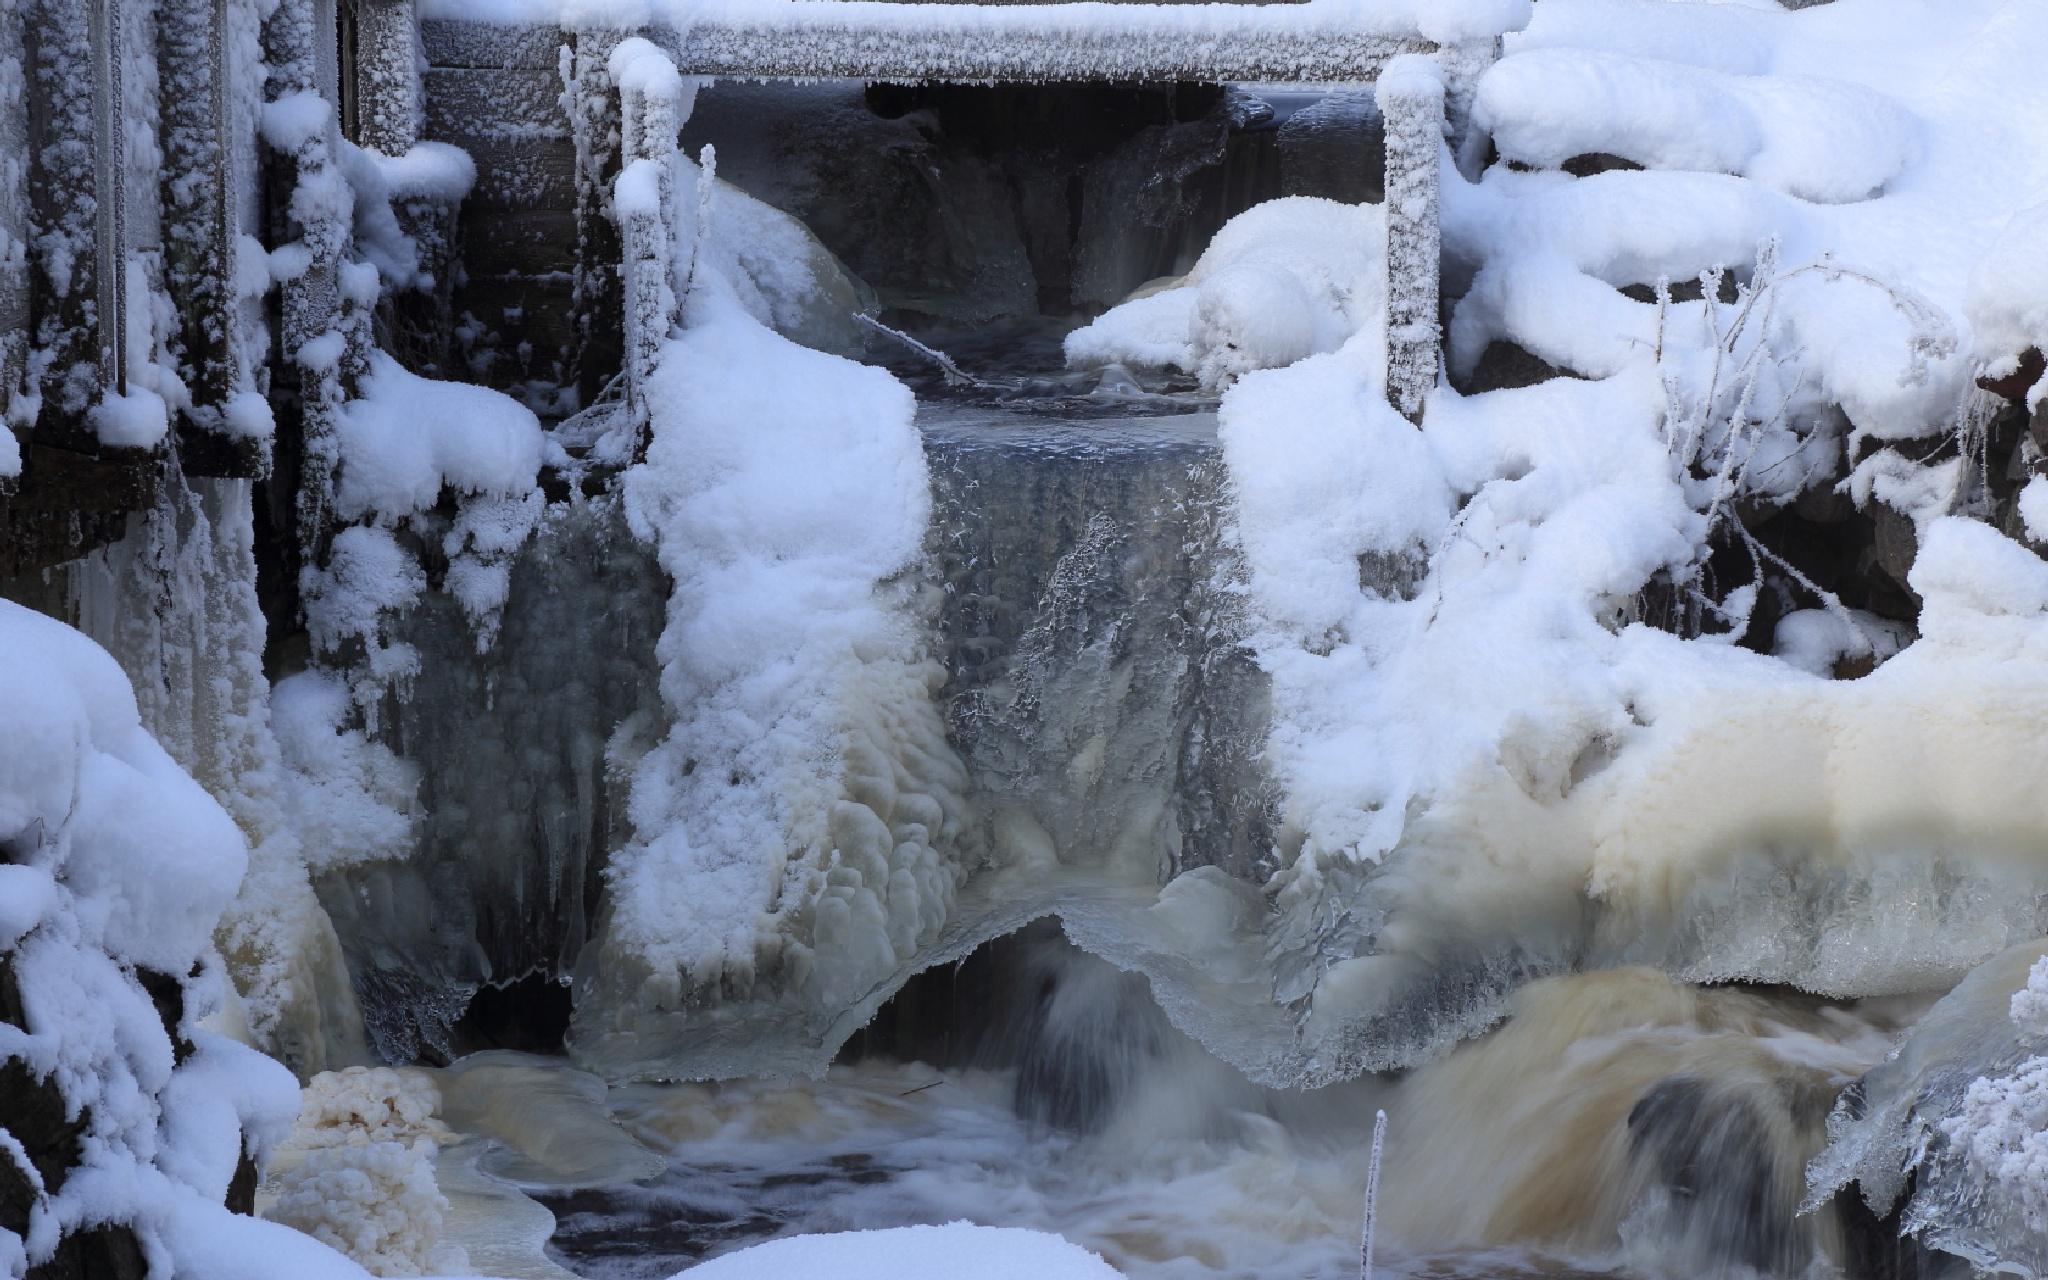 Frozen waterfall by micke.wallman